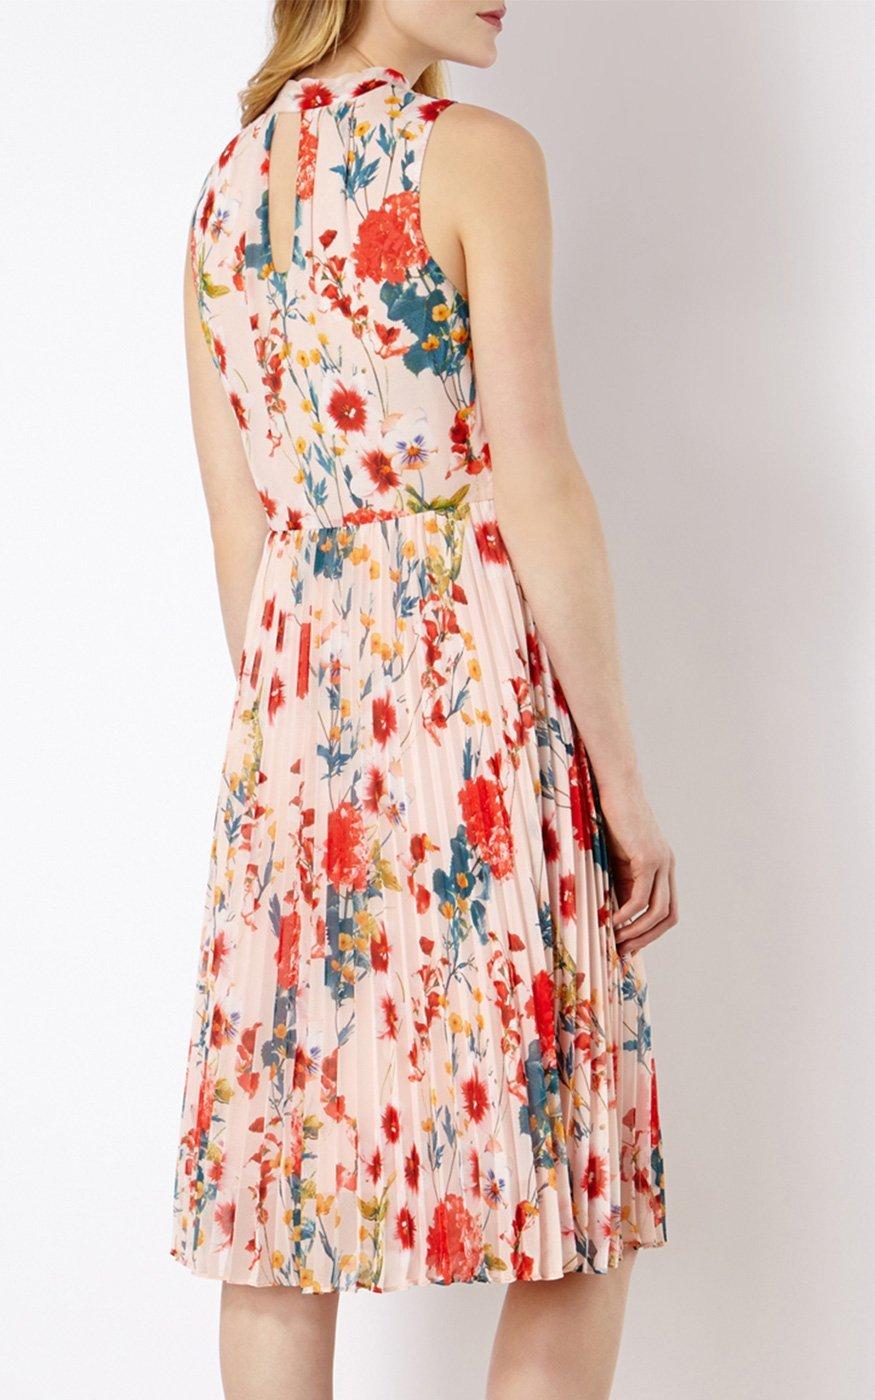 64fc2ffe89 Lyst - Karen Millen Fashion Floral Dress